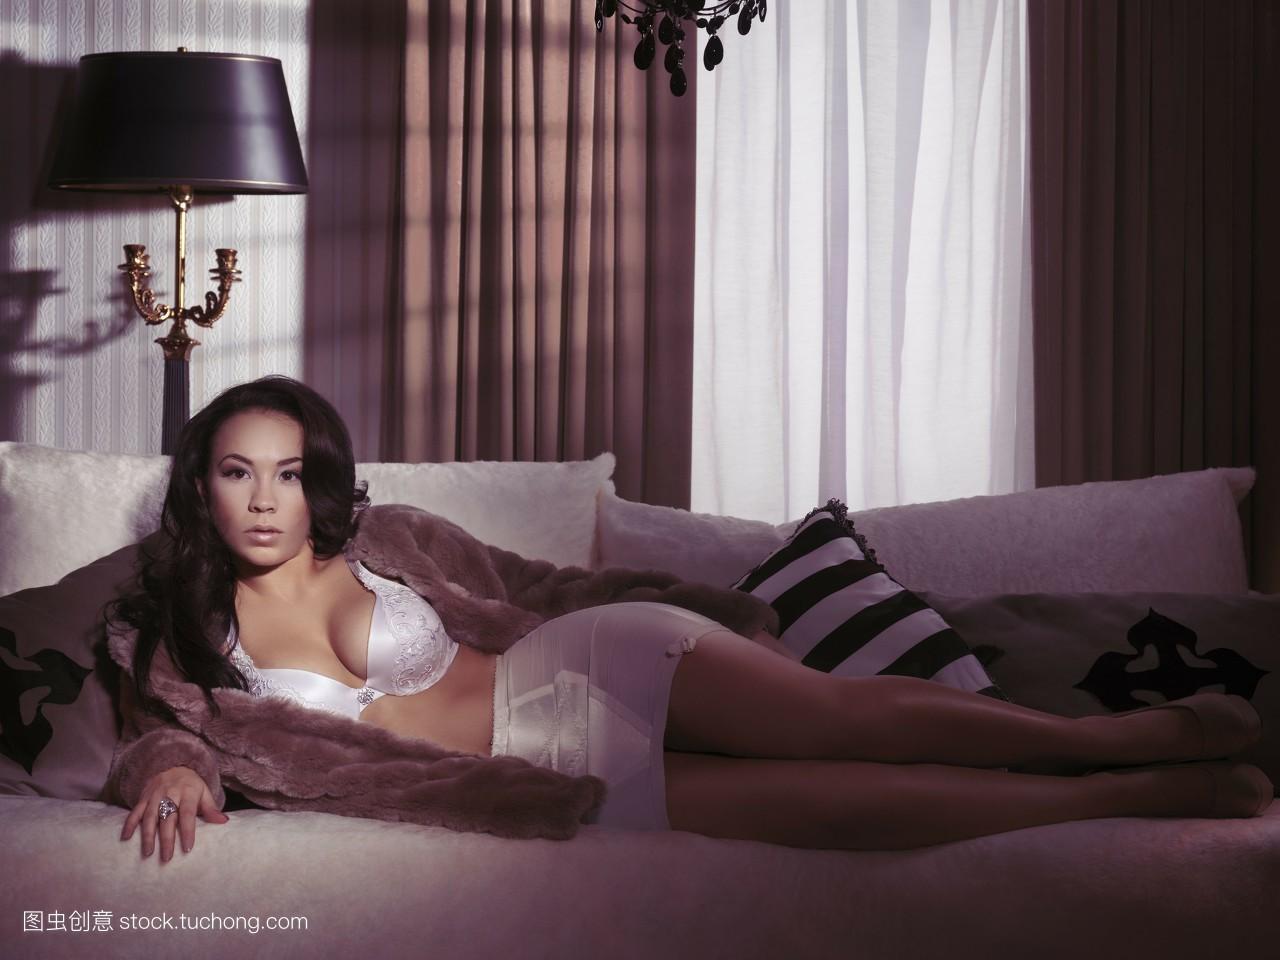 亚洲色情五月天影音_艳照亚洲色图情色激情裸体美女鲍鱼强奸另类黄色小说热情五月天日日.